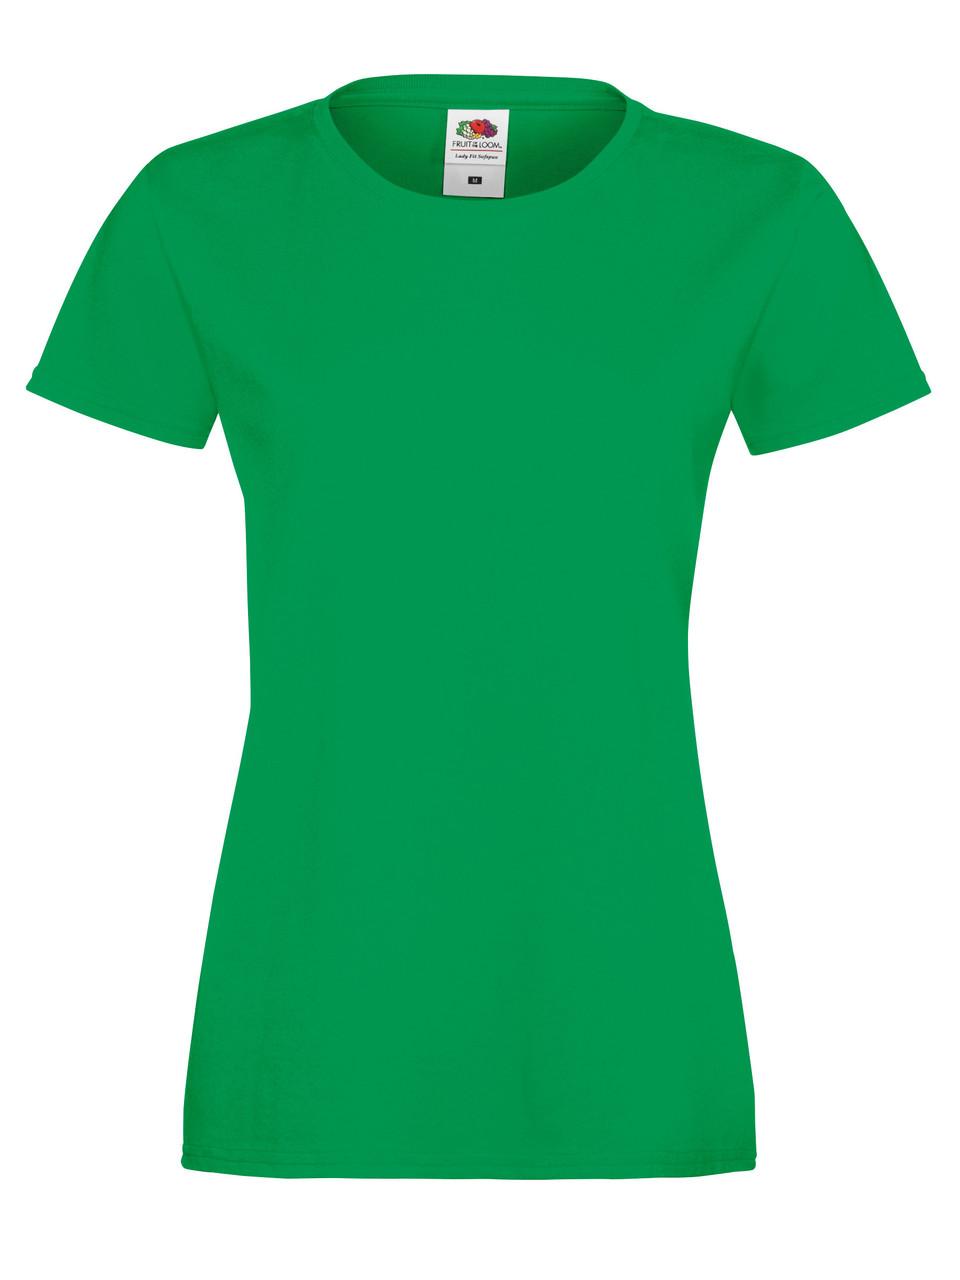 Женская Футболка Мягкая Ярко-зелёная Fruit of the loom 61-414-47 L